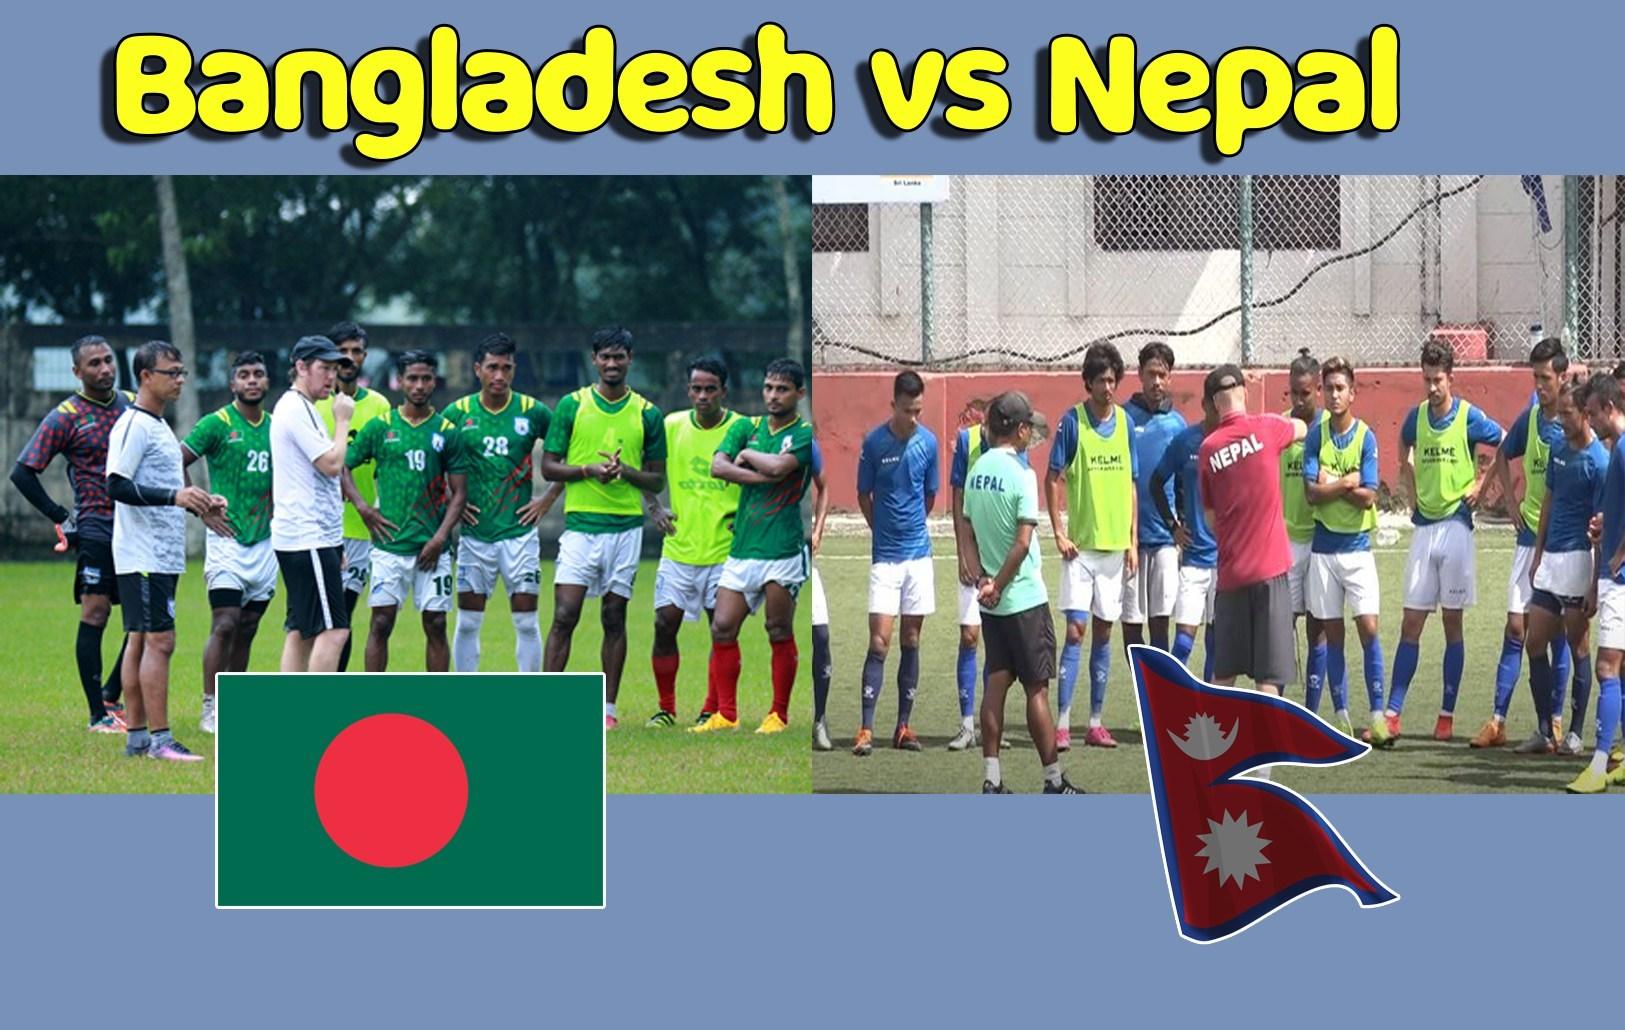 अन्तर्राष्ट्रिय मैत्रीपूर्ण फुटबलमा आज नेपाल र बंगलादेश खेल्दै